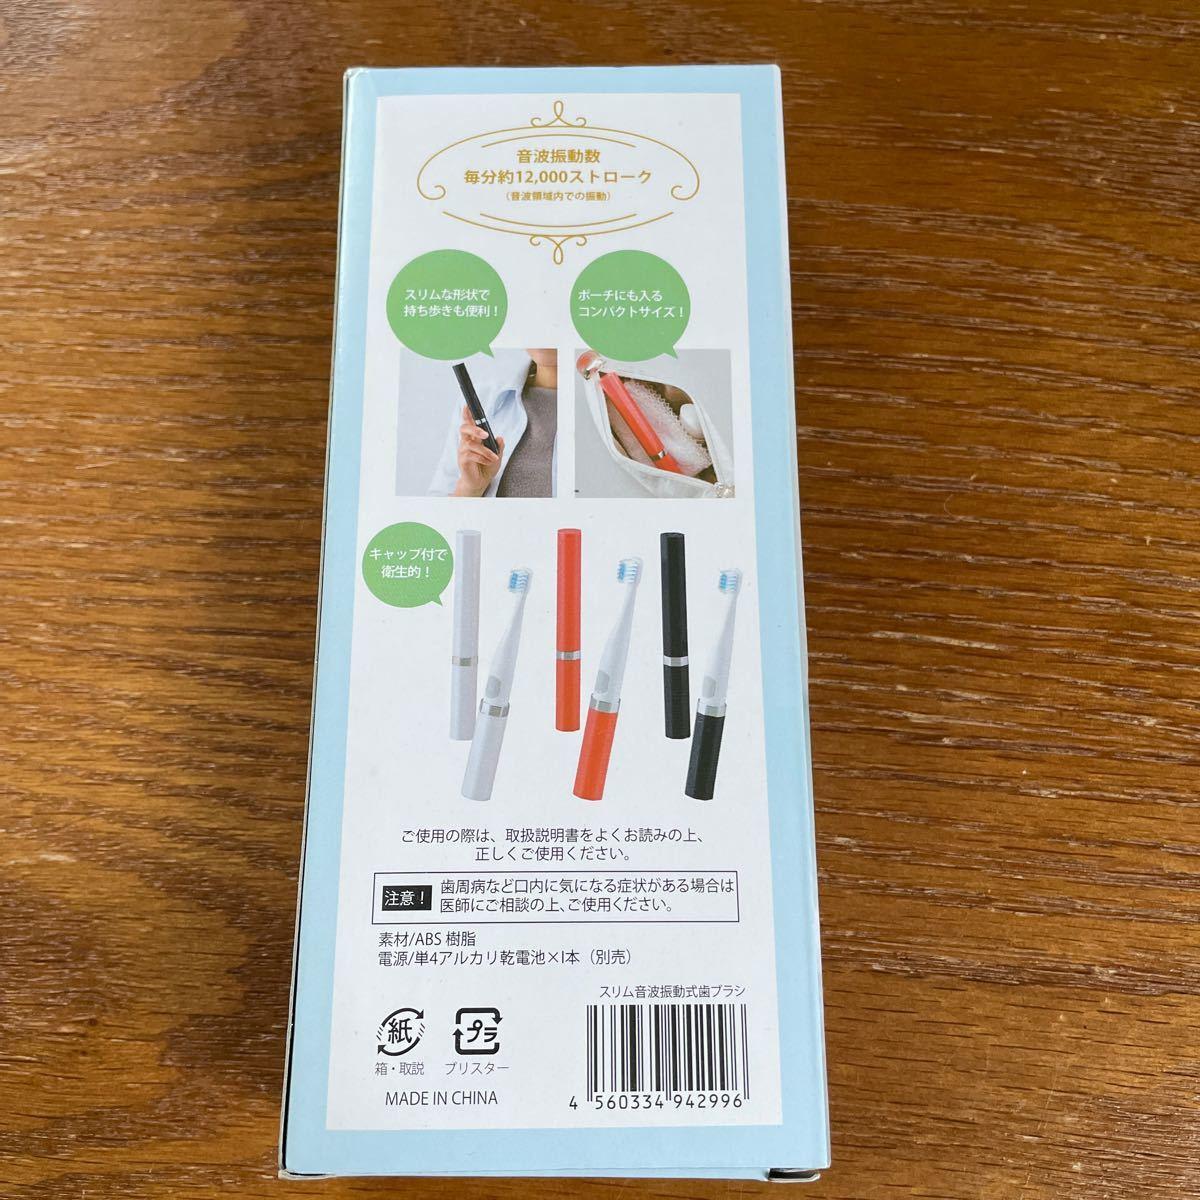 電動歯ブラシ スリム音波振動式歯ブラシ 替えブラシ付